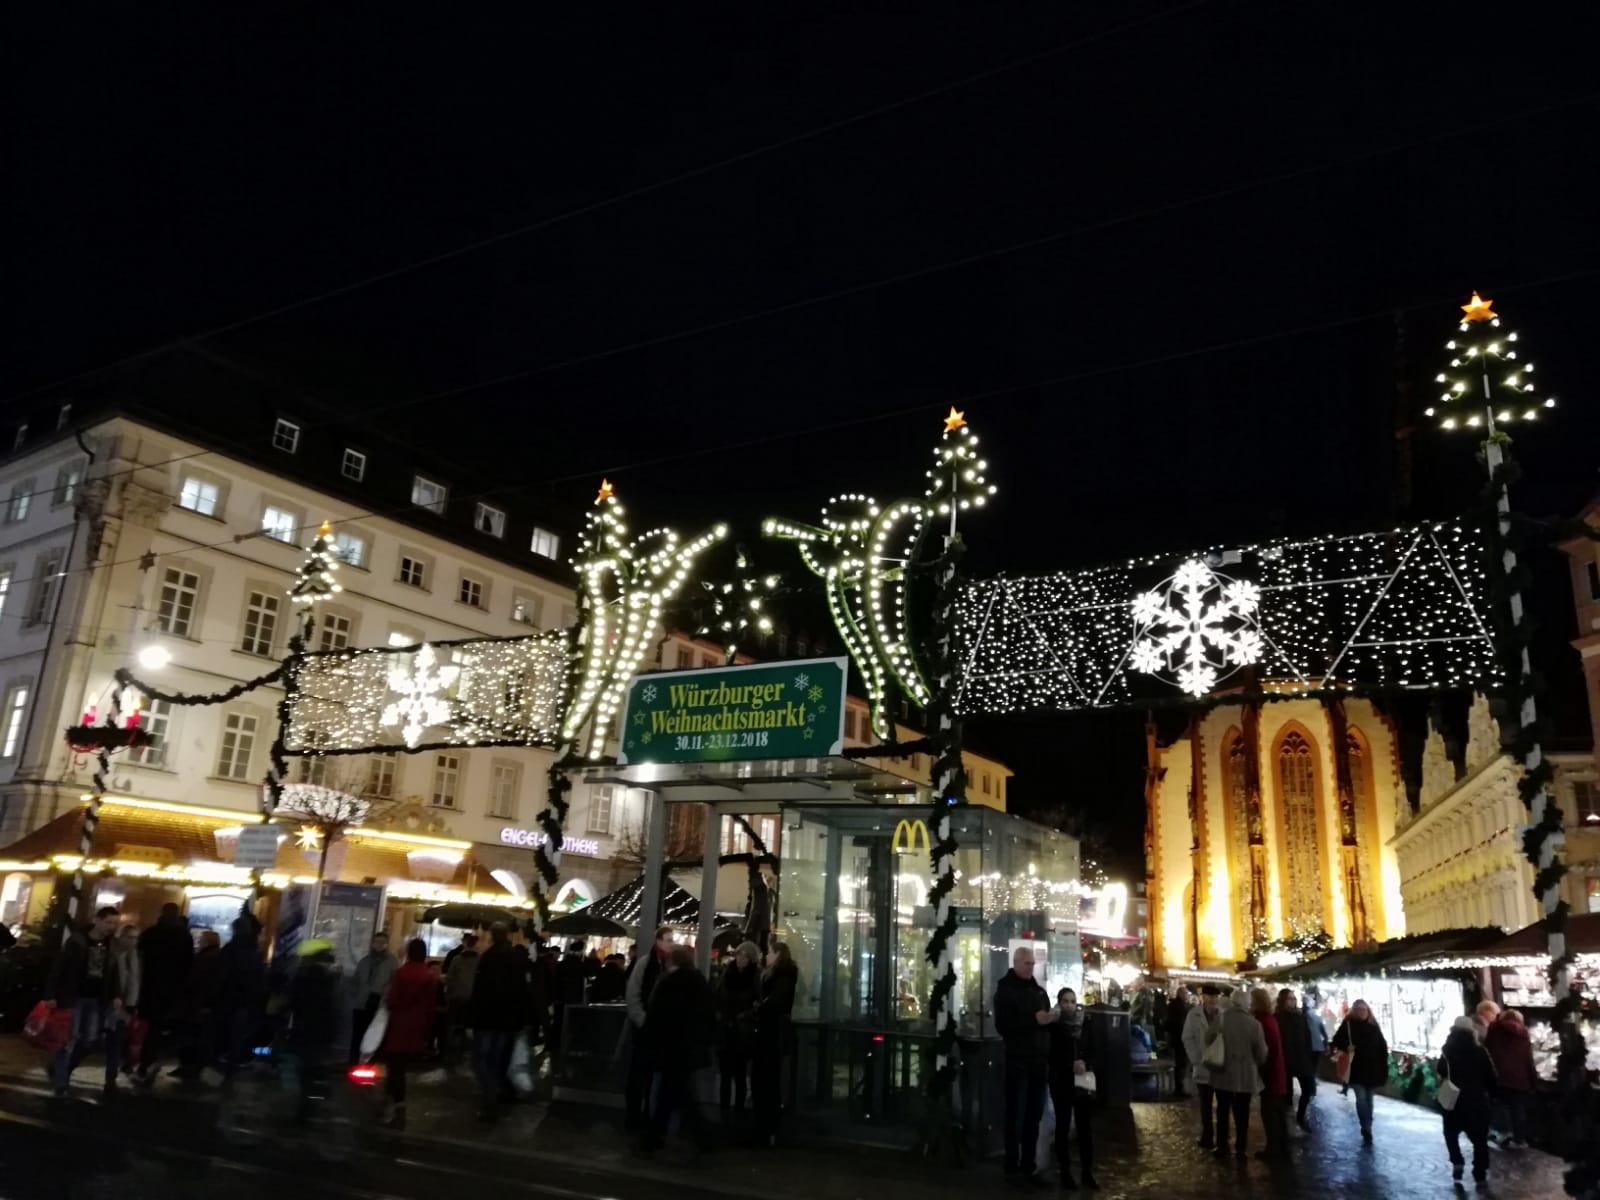 Weihnachtsmarkt Würzburg.Vorweihnachtliche Einstimmung Auf Dem Weihnachtsmarkt